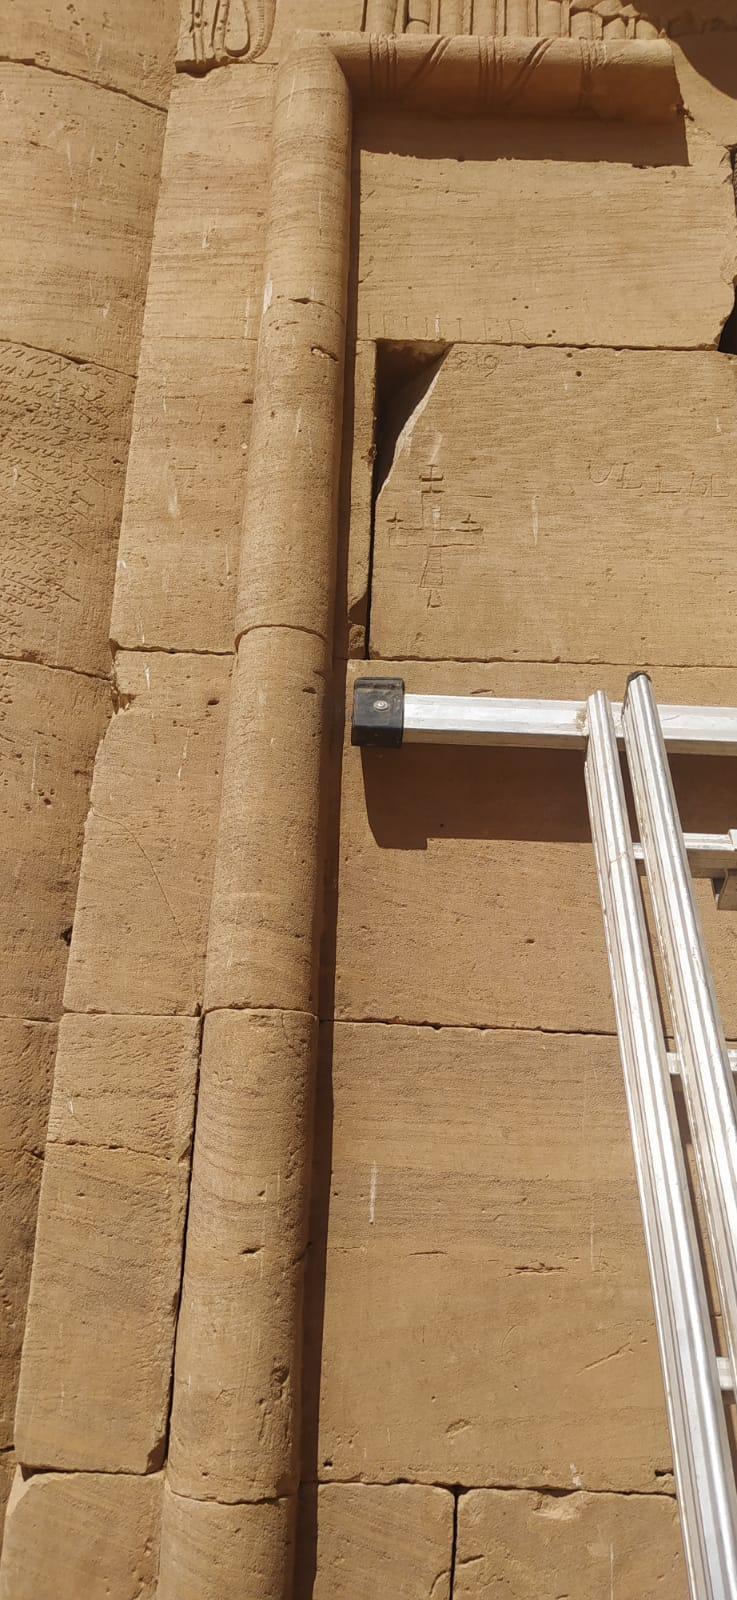 ترميم وصيانة المعابد قبل الموسم السياحى بأسوان (1)